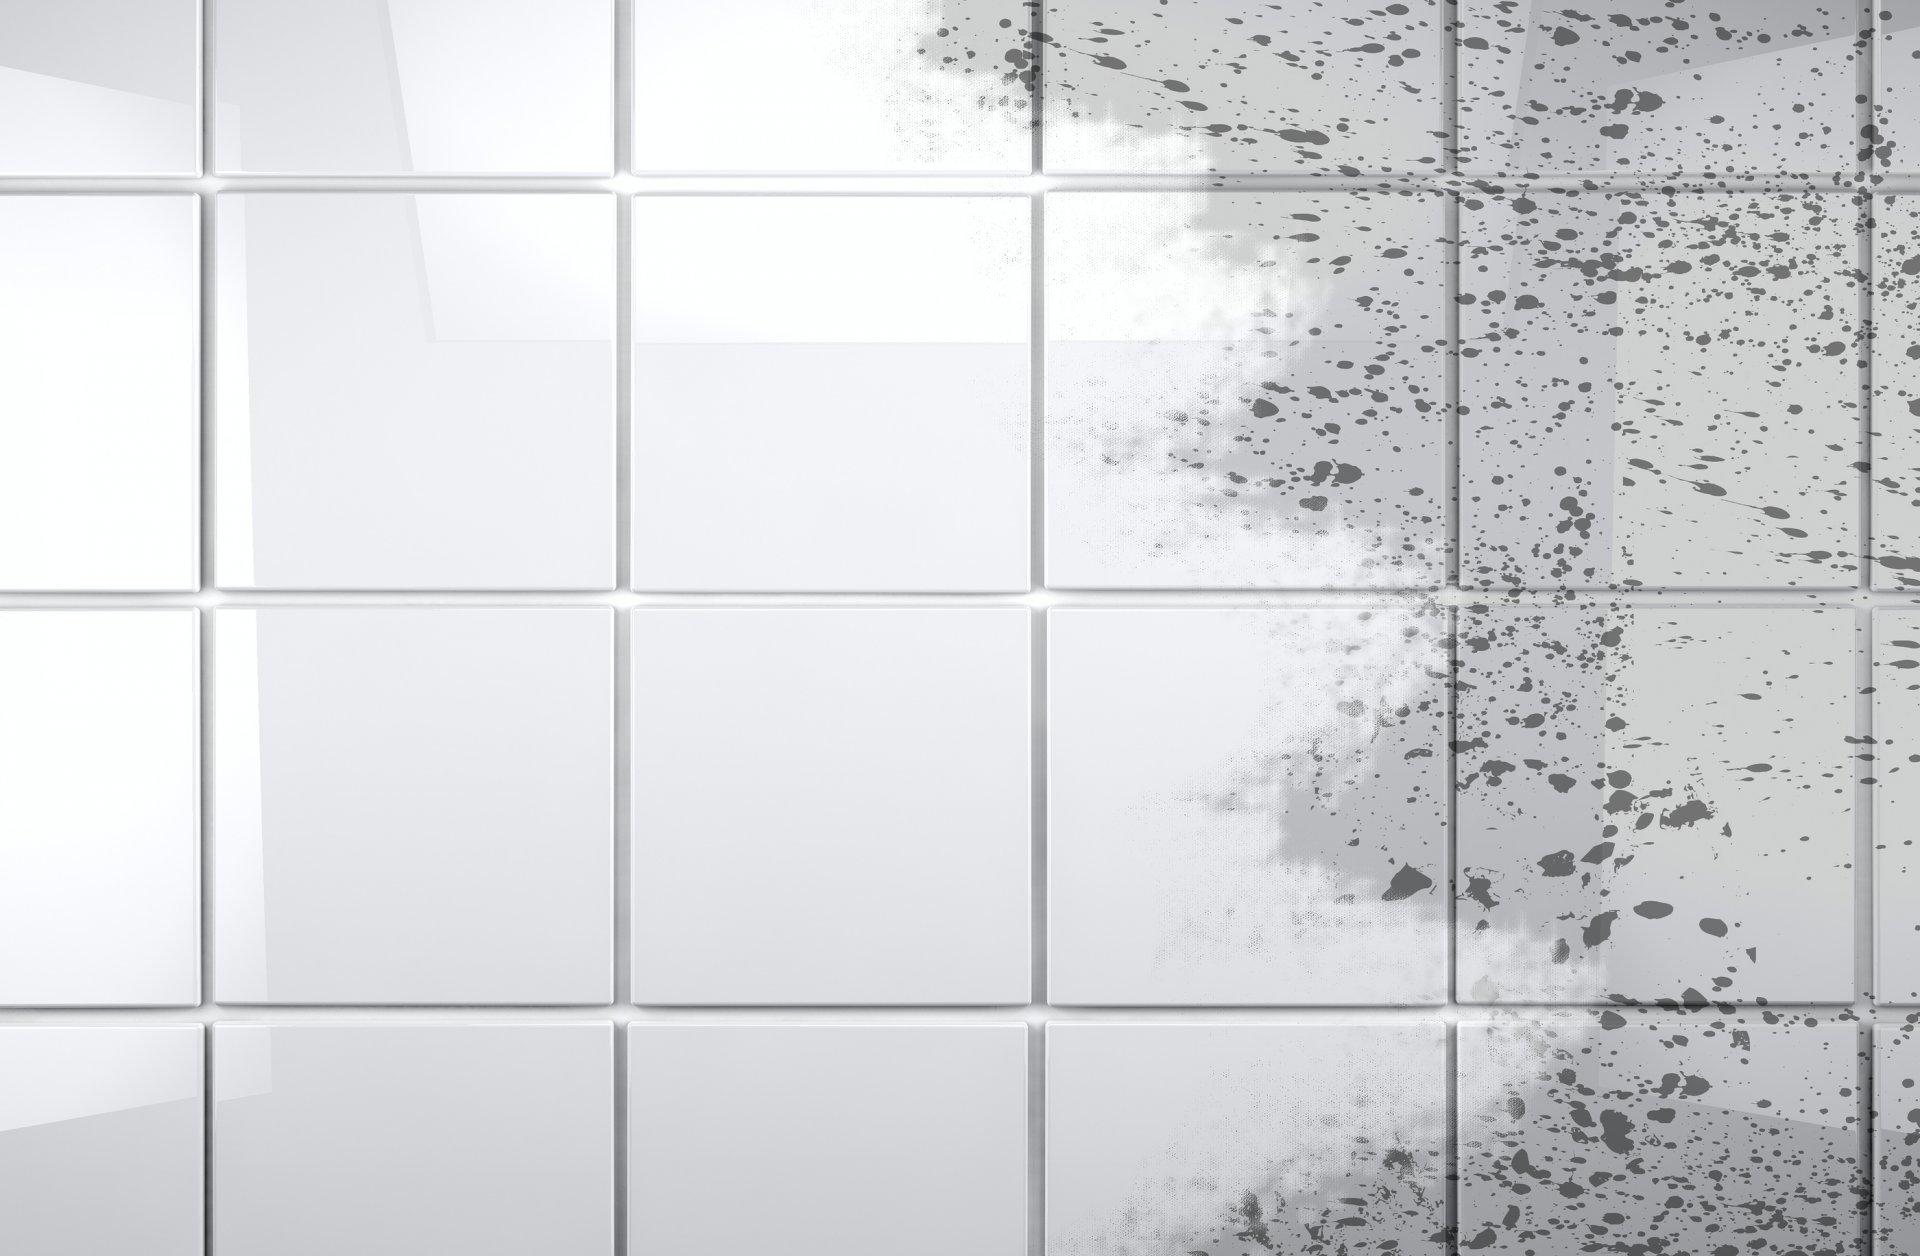 limpiar azulejos con alcohol isopropilico